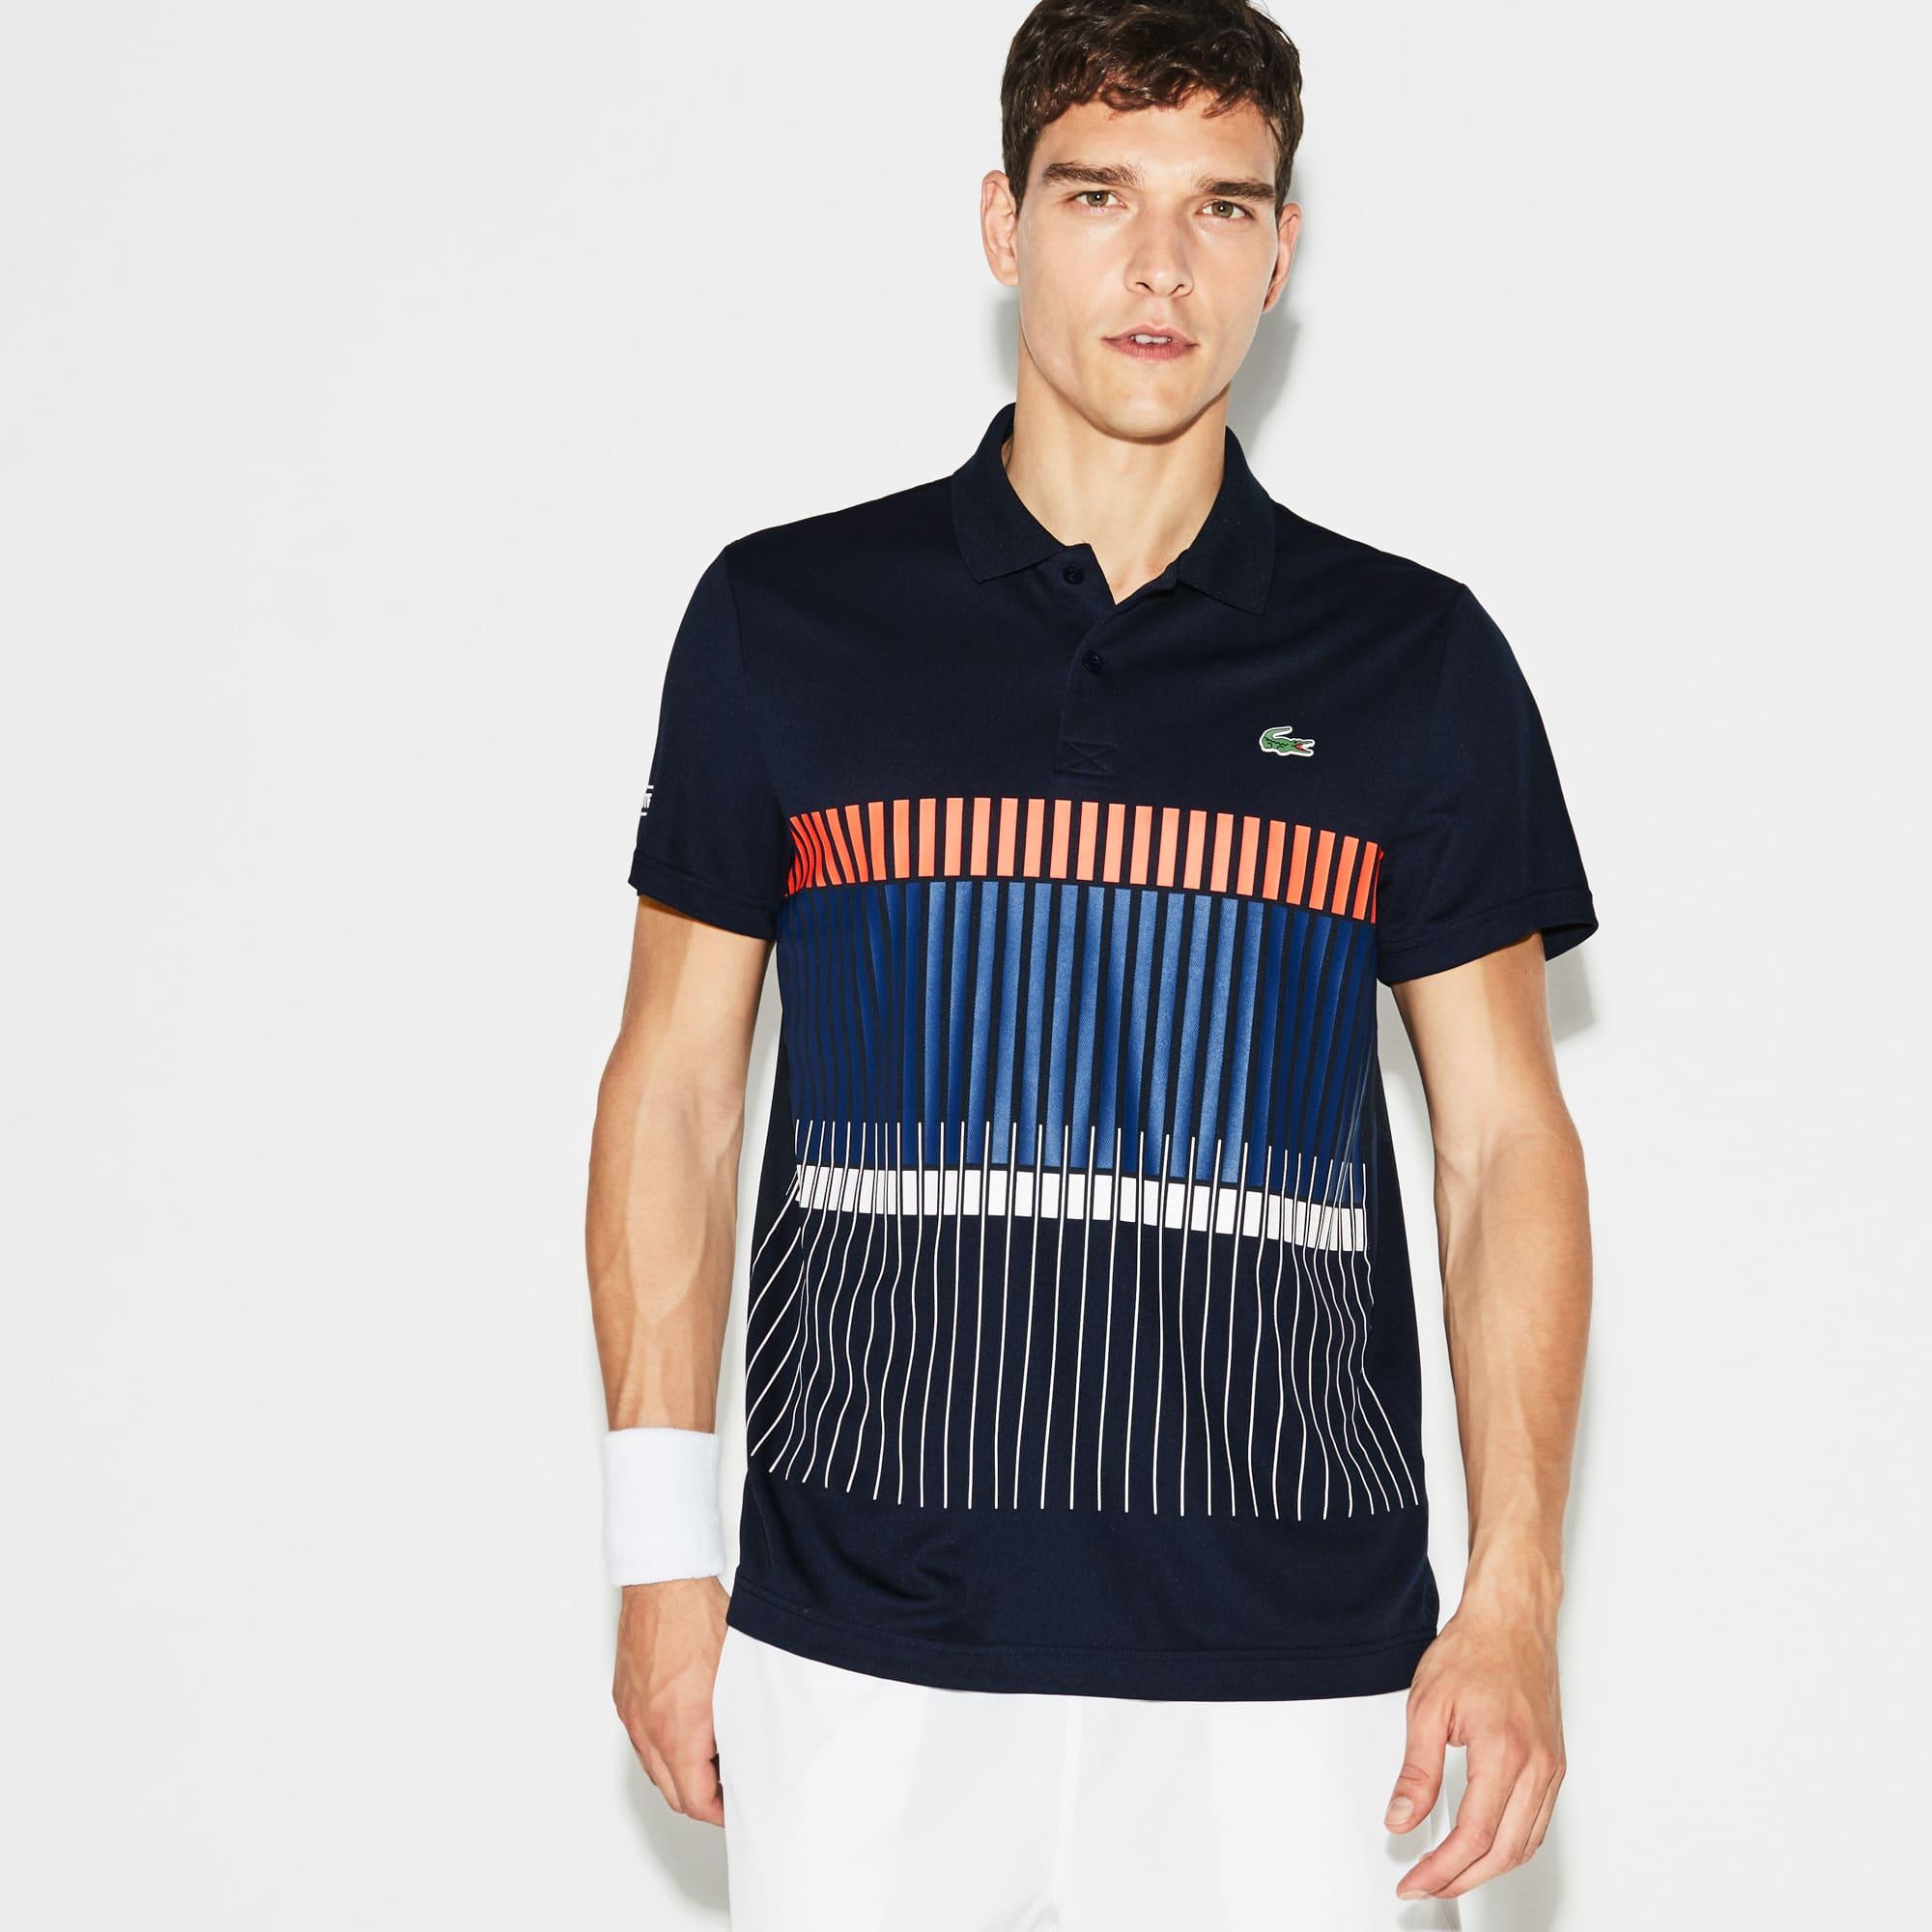 Polo Lacoste Collezione per Novak Djokovic - Edizione Terra Rossa Esclusiva